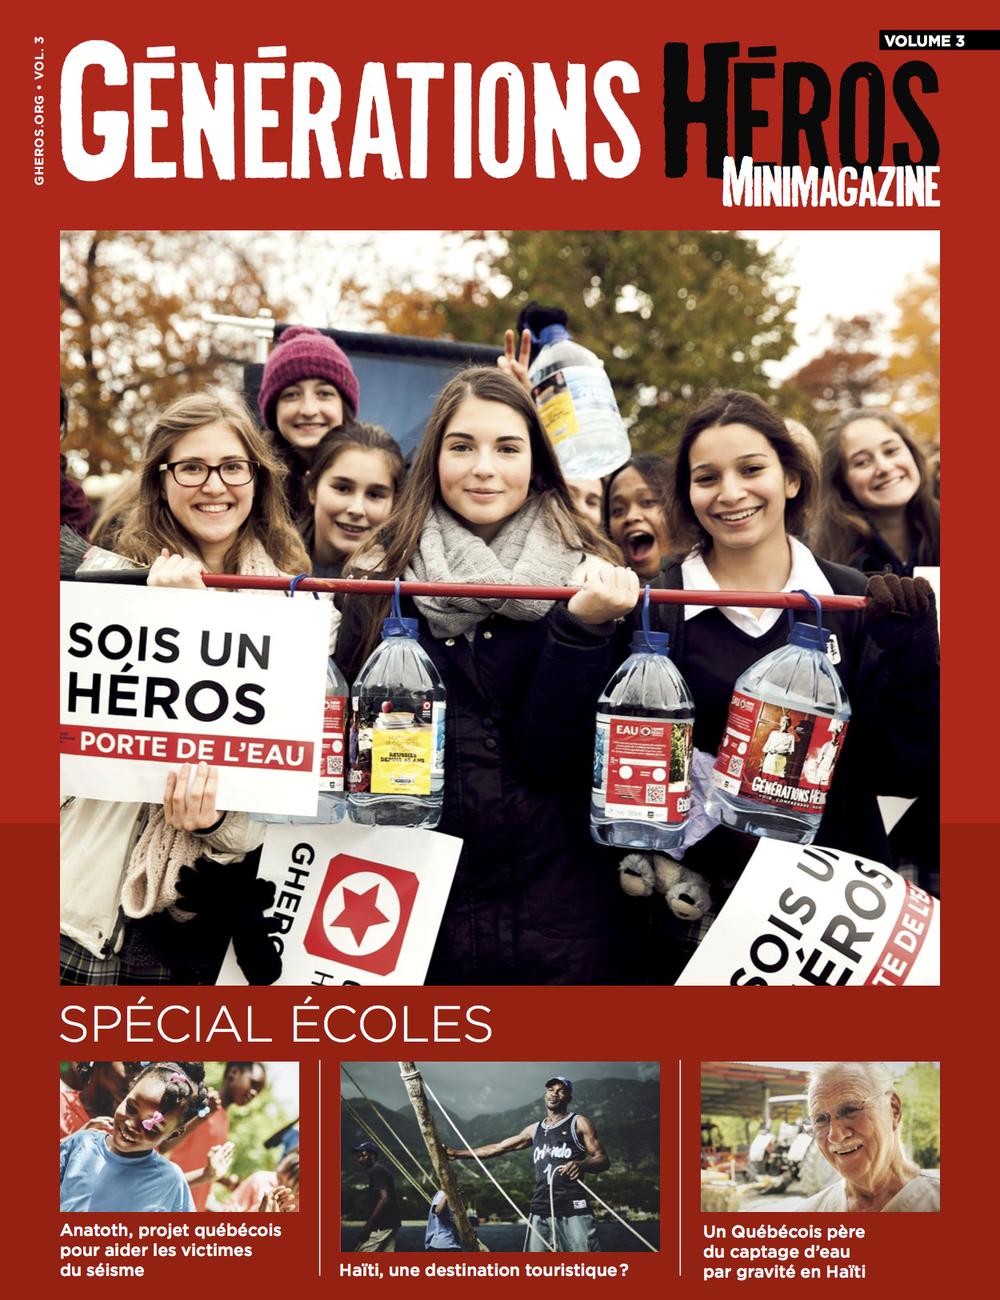 Revue_minimagazine GHeros_v3.jpg